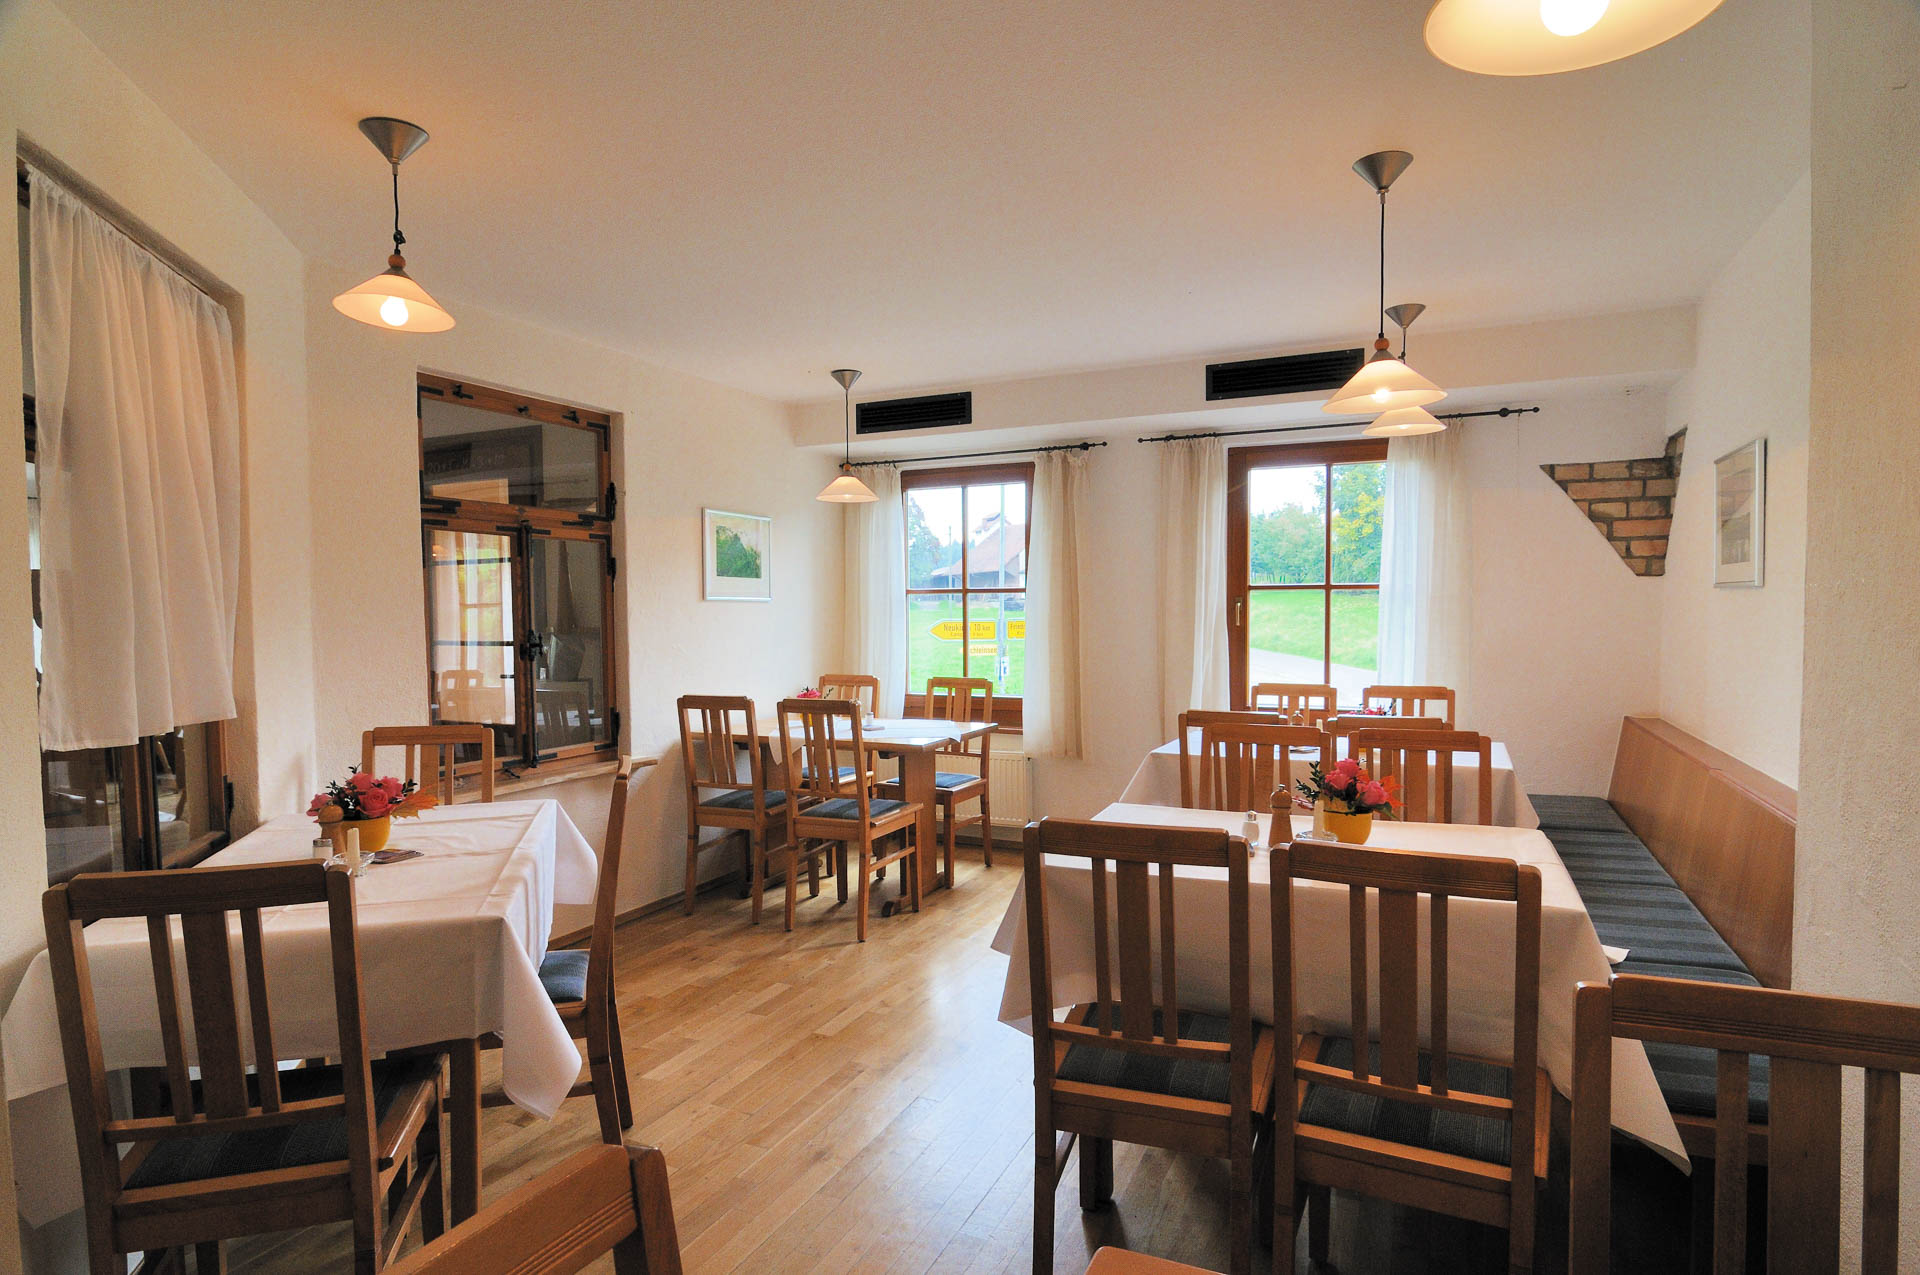 Nebenraum für Gesellschaften im Restaurant des Gasthaus Seerose in Nitzenweiler bei Kressbronn am Bodensee